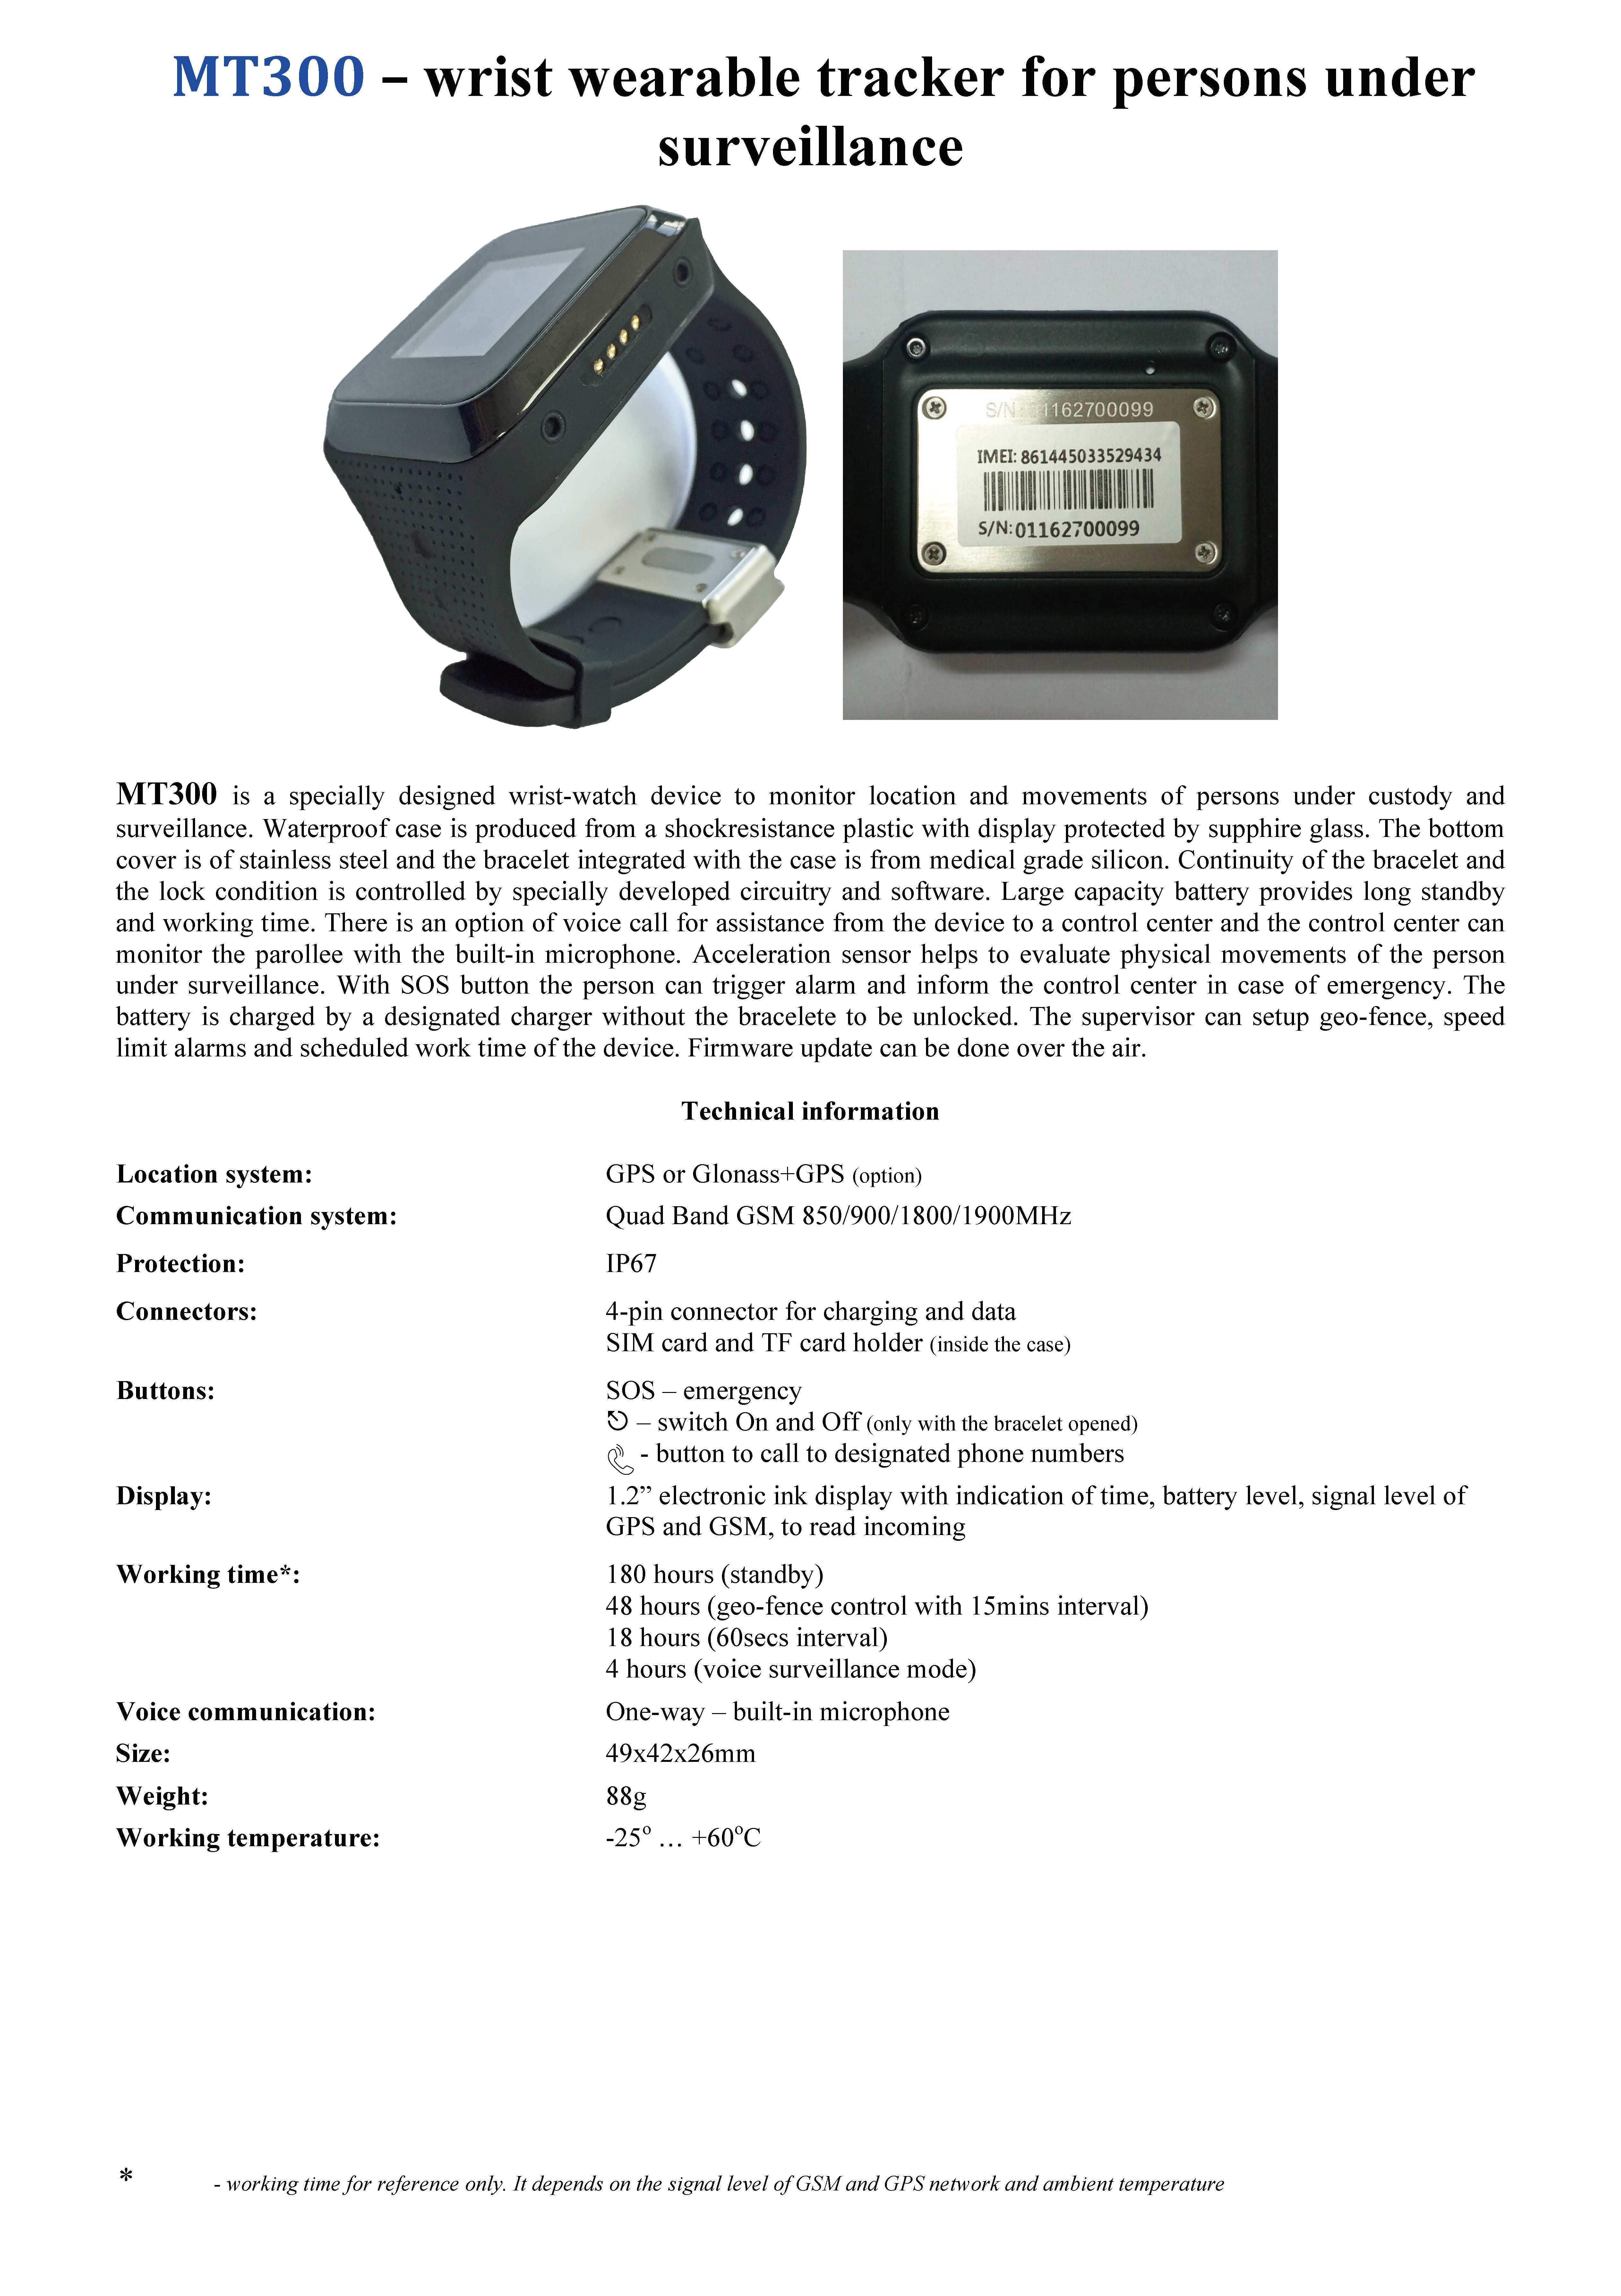 GPS House Arrest Ankle Bracelet Waterproof MT-60X